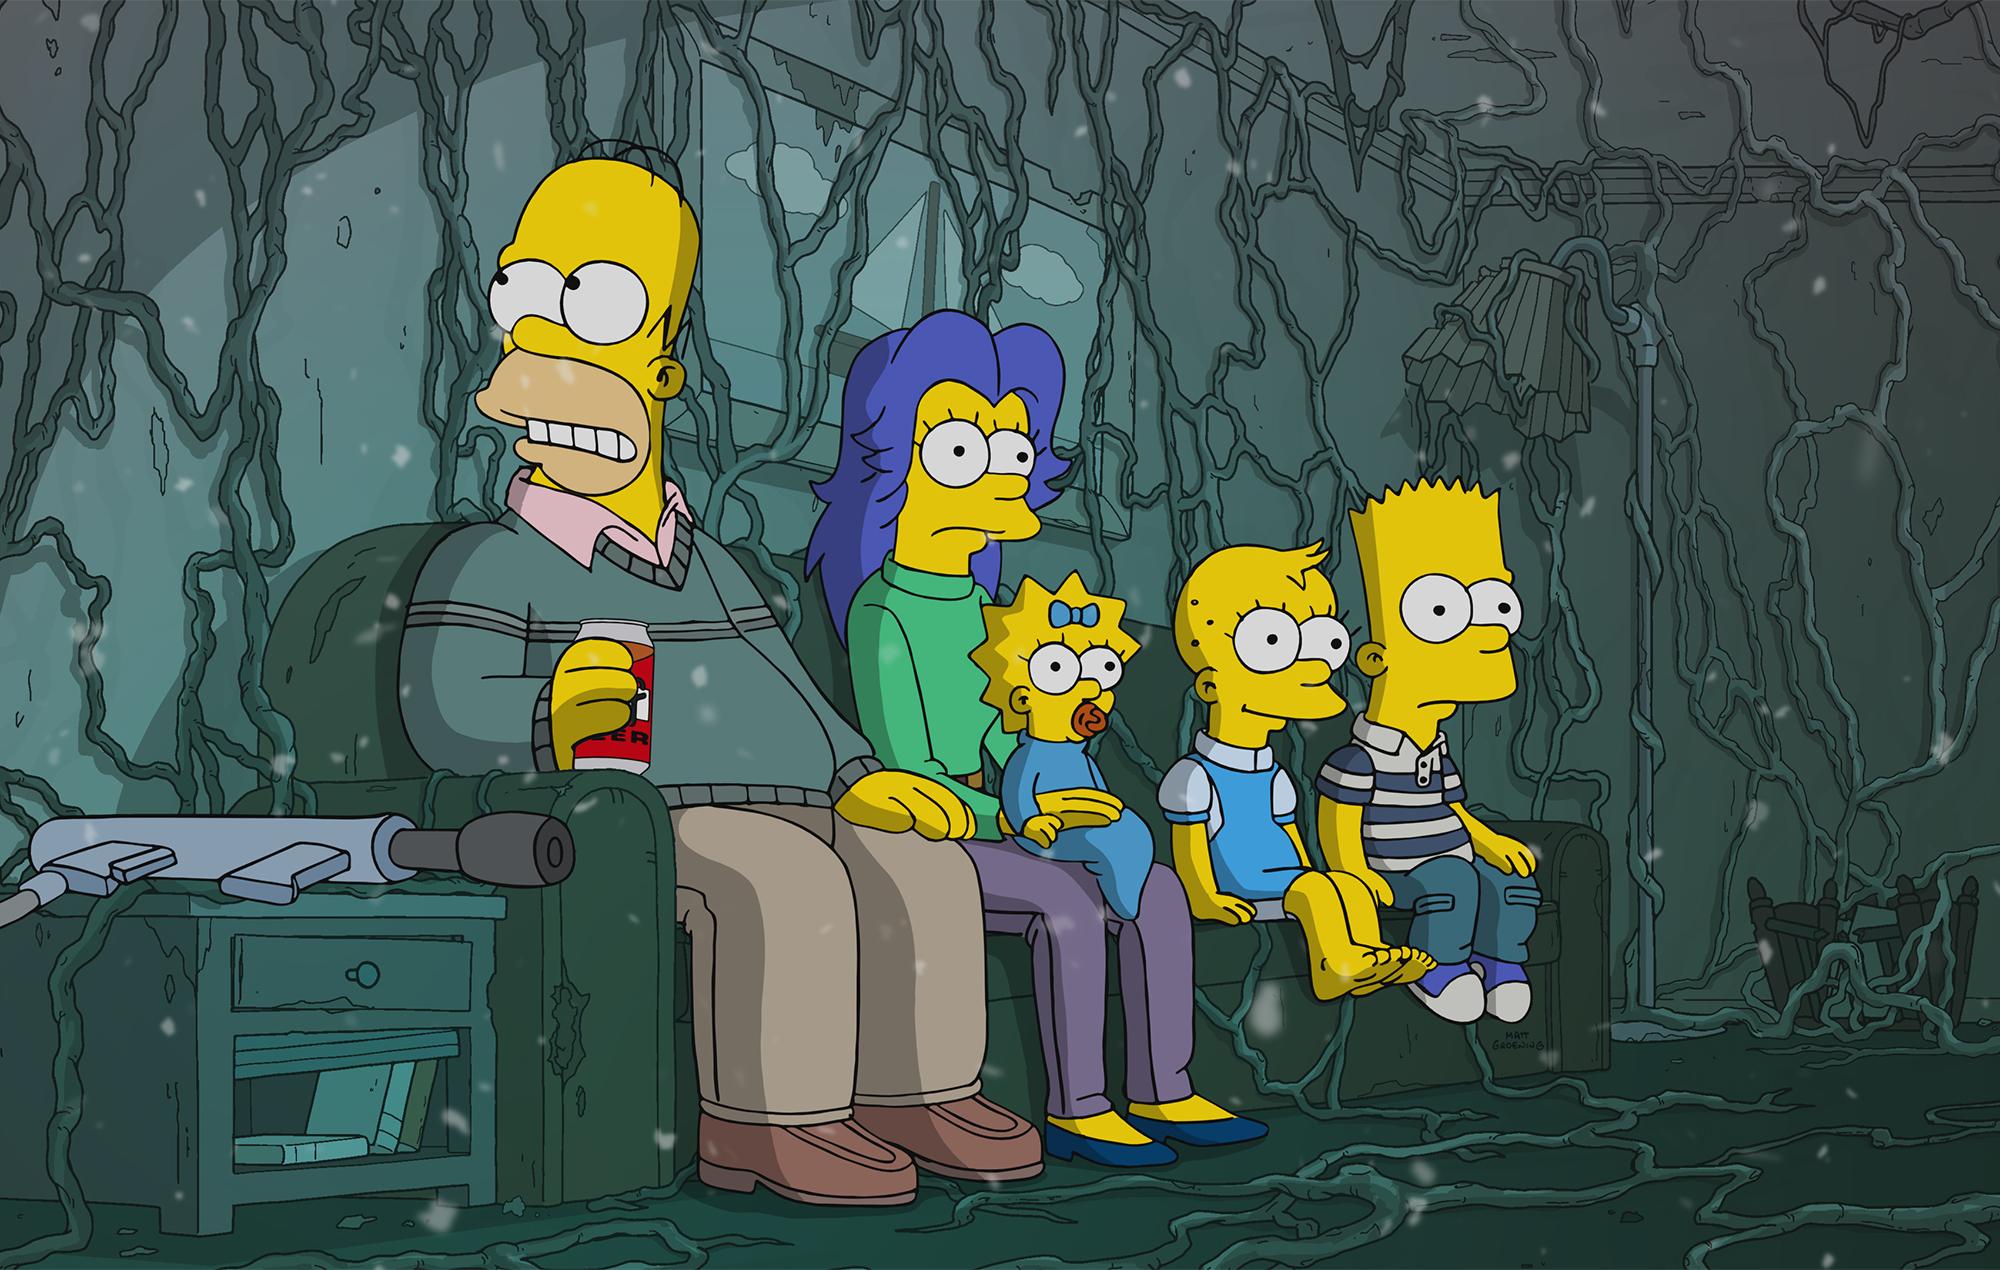 Crítica De Los Simpson Temporada 31 Ya Disponible Al Completo En Disney Plus Hobbyconsolas Entretenimiento